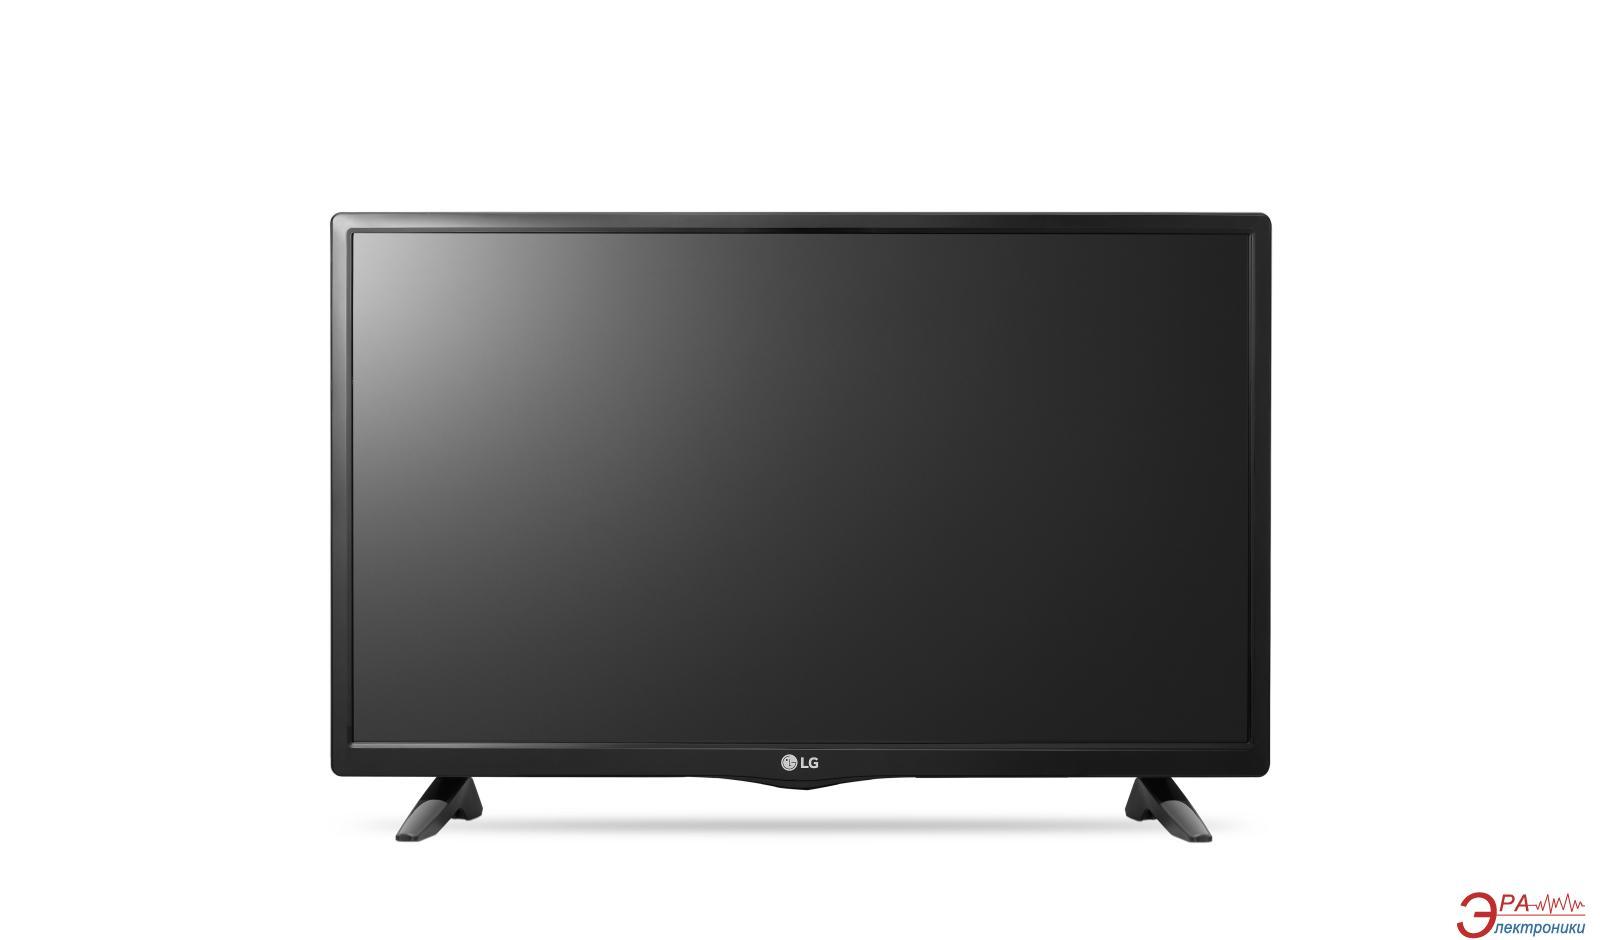 LED Телевизор 28 LG 28LH450U